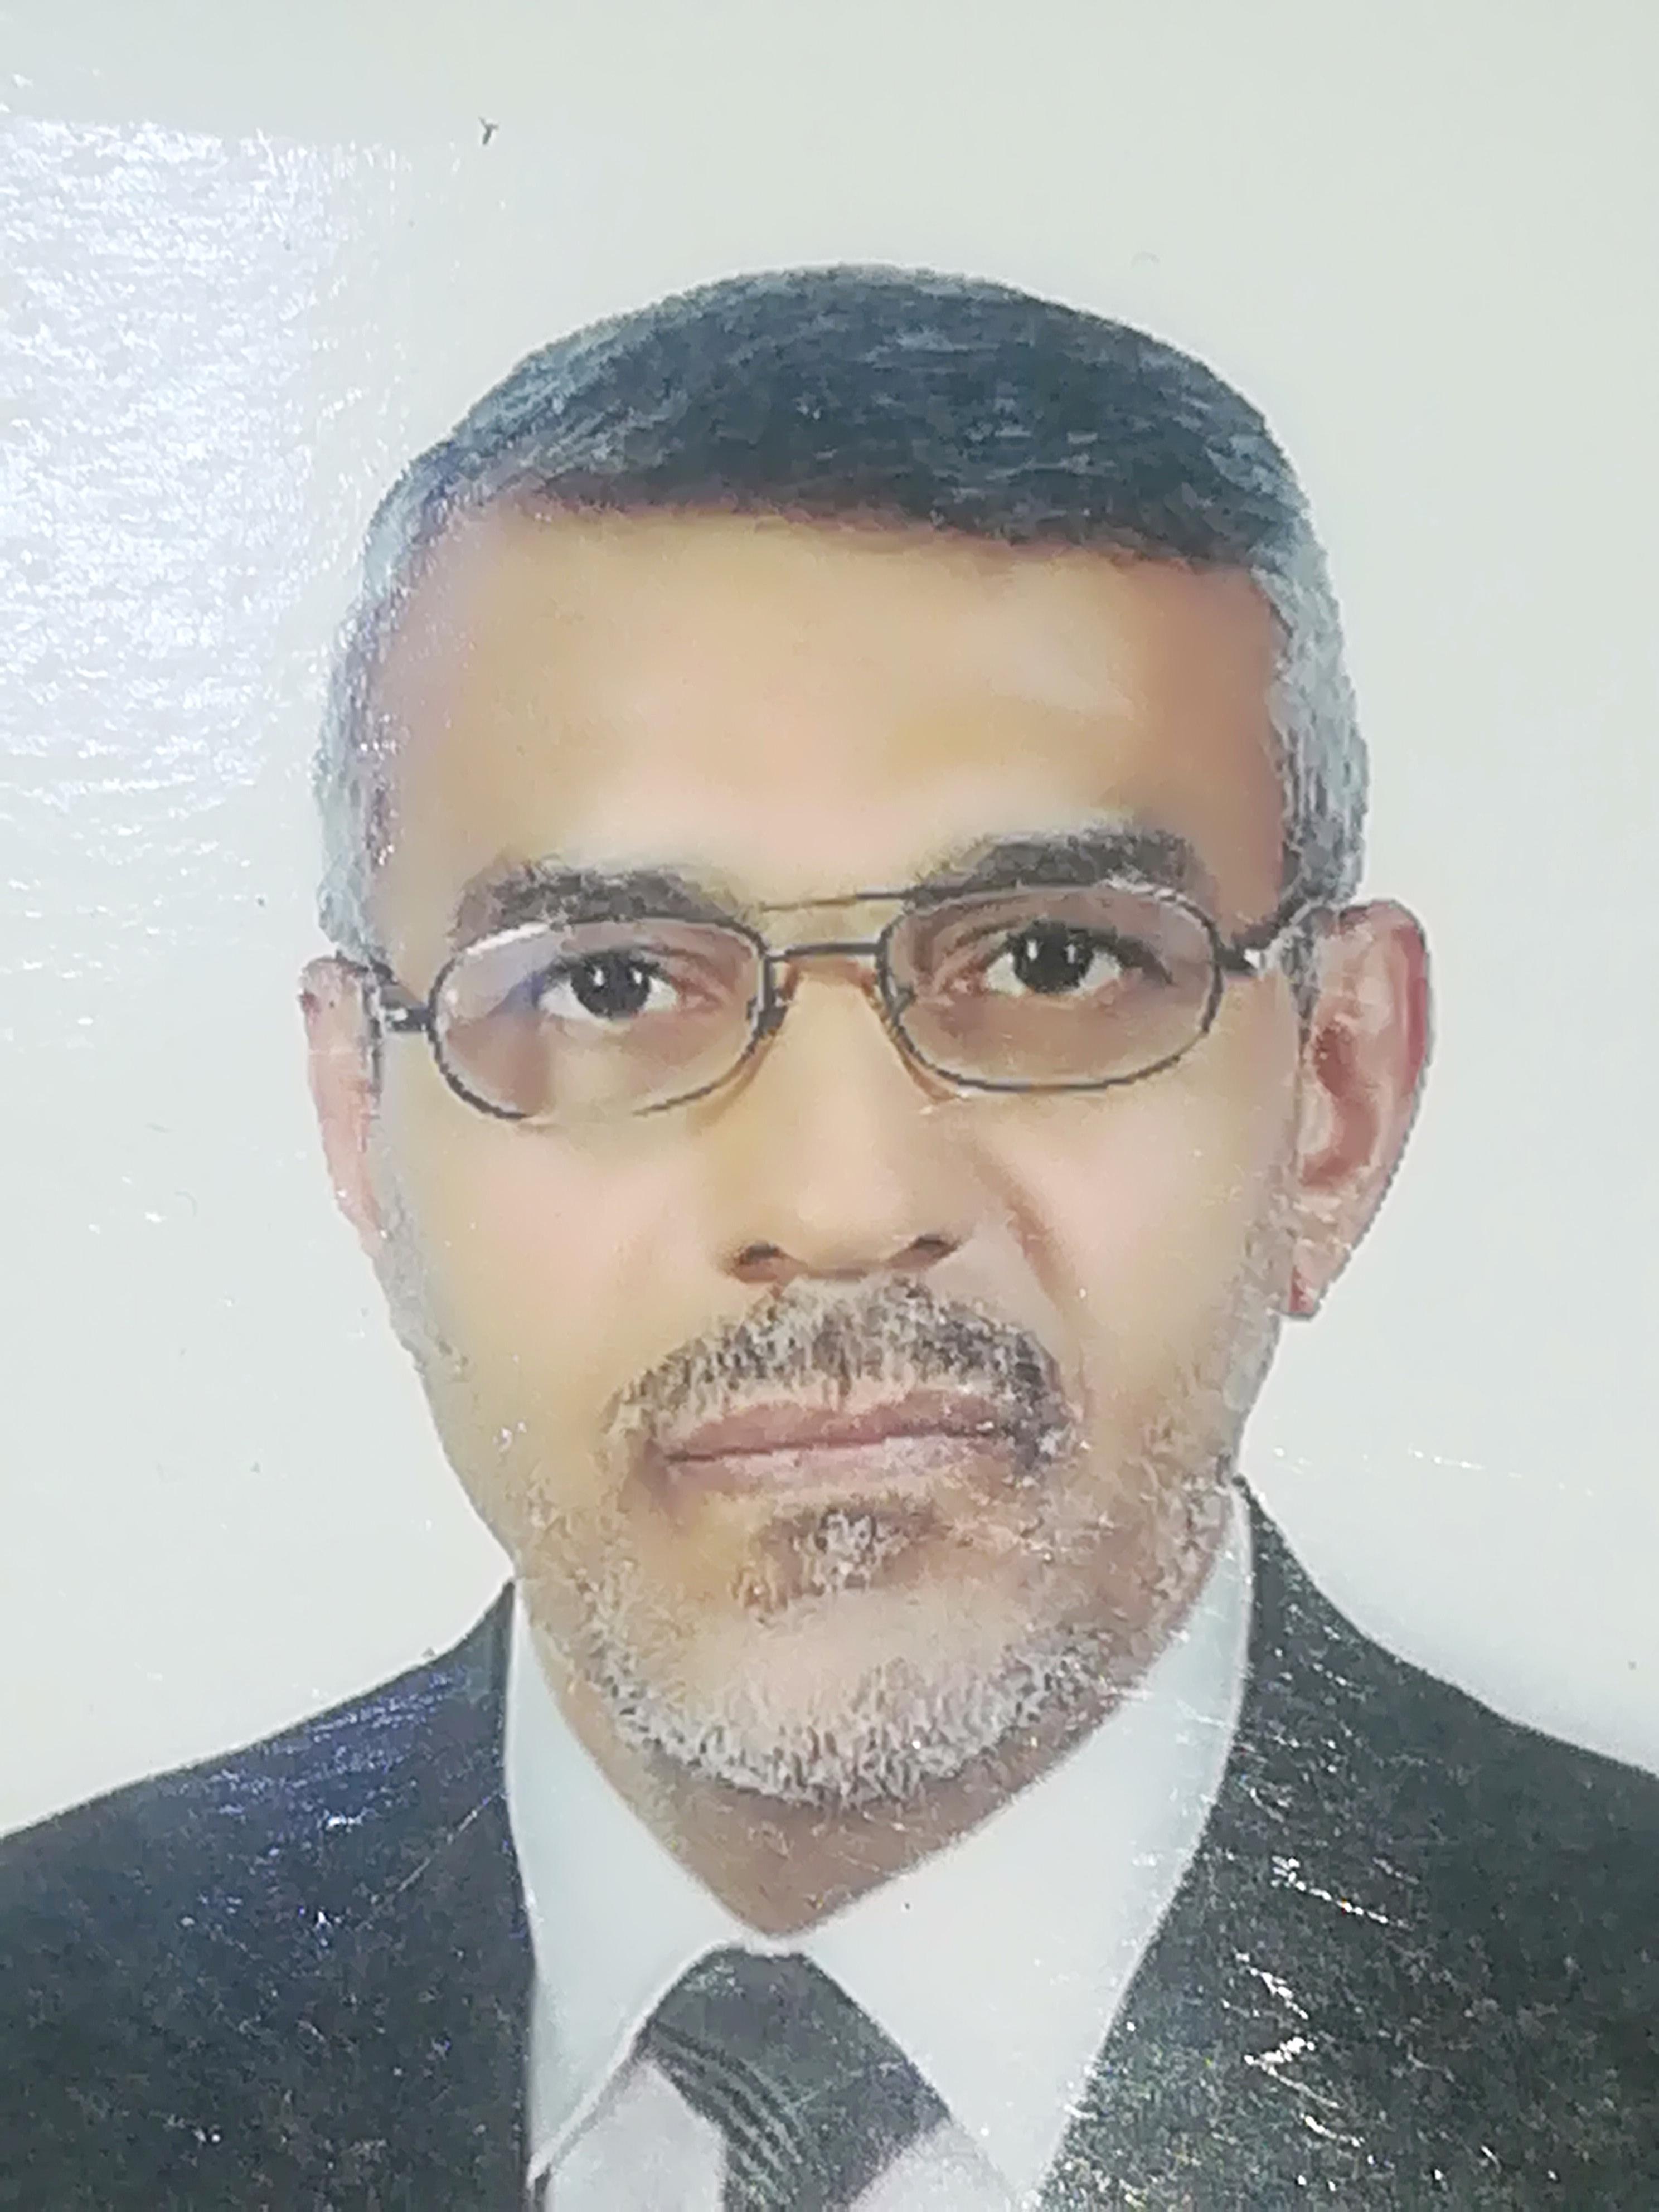 Kadhim Jawad Awad